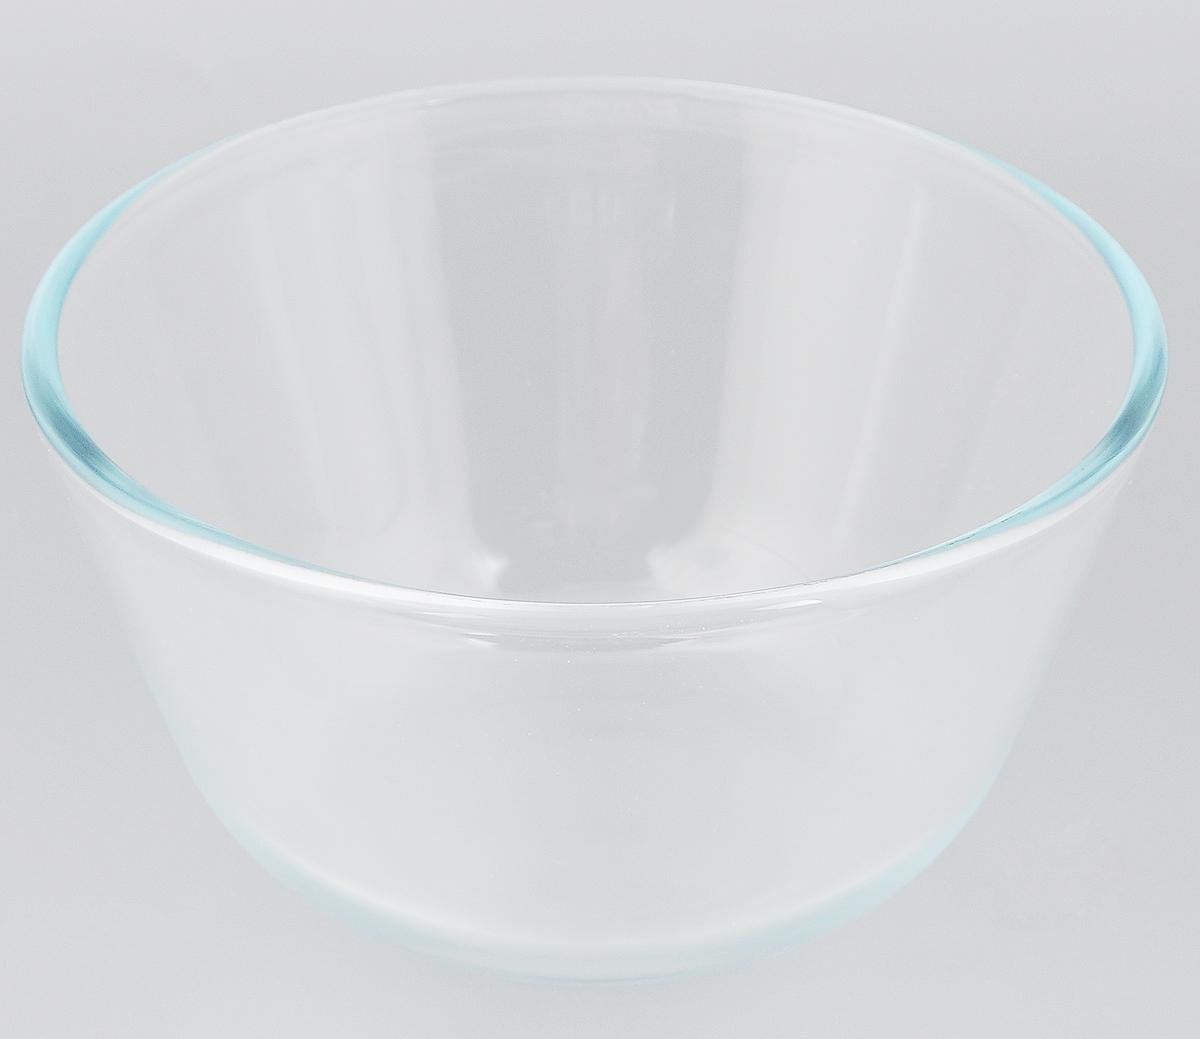 """Миска """"VGP"""" изготовлена из термостойкого и экологически чистого стекла. Предназначена для приготовления пищи в духовке, жарочном шкафу и микроволновой печи. Миска прекрасно подойдет для хранения и замораживания различных продуктов, а также для сервировки и декоративного оформления праздничного стола.Миска """"VGP"""" станет незаменимым аксессуаром на кухне для любой хозяйки.Можно мыть в посудомоечной машине. Высота стенки: 9,5 см. Диаметр миски (по верхнему краю): 17 см."""